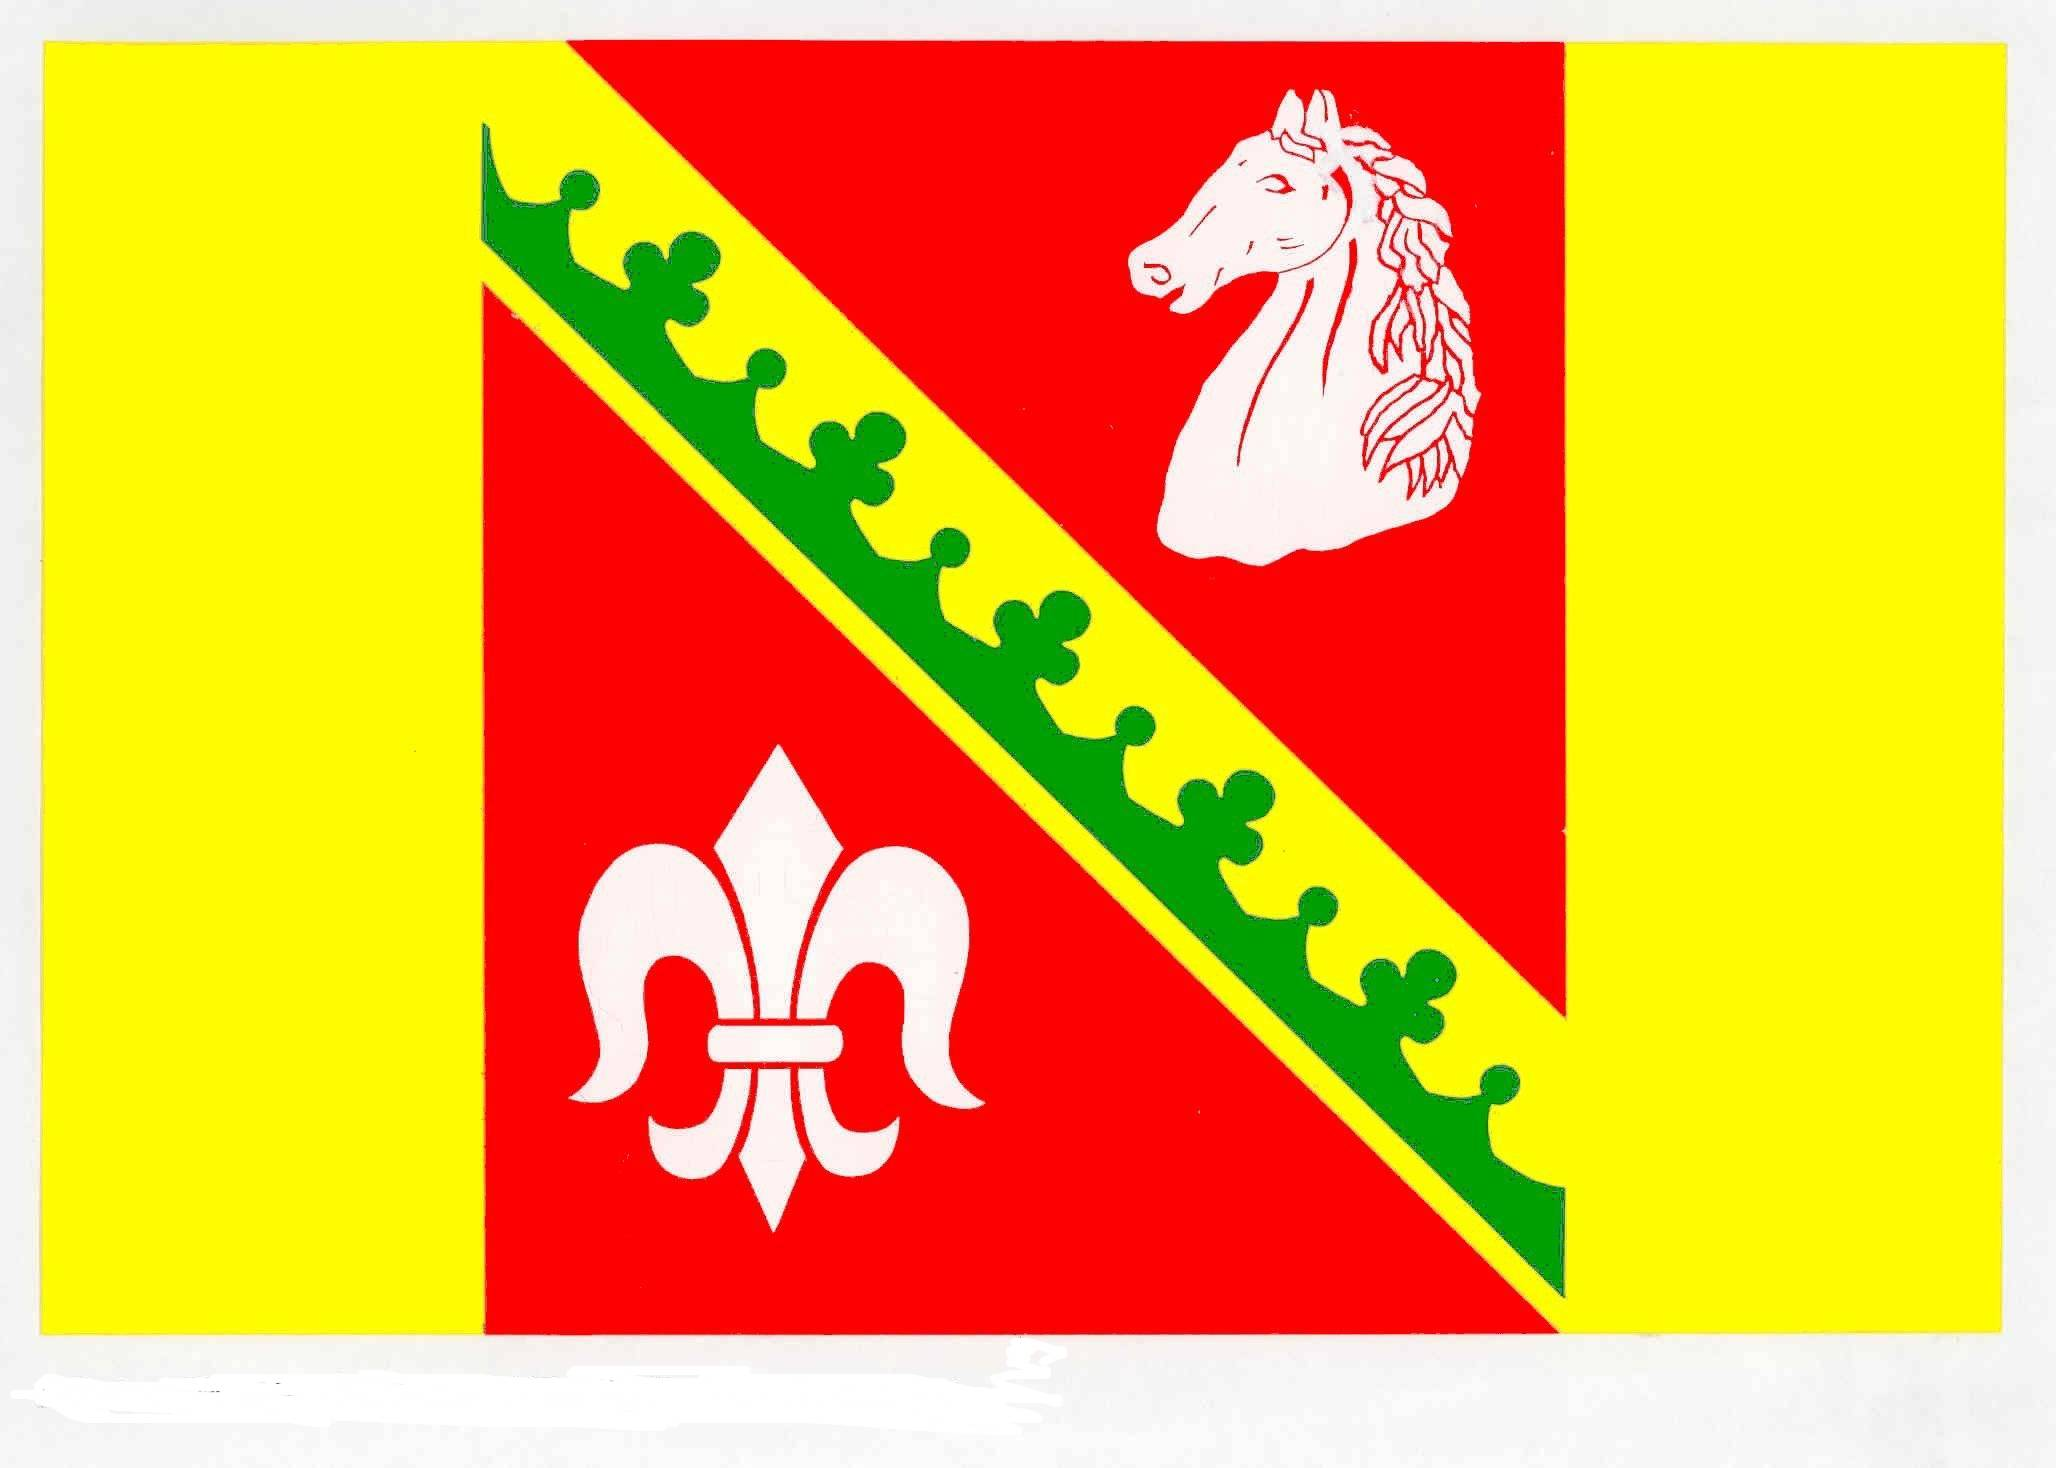 Flagge GemeindeBasthorst, Kreis Herzogtum Lauenburg